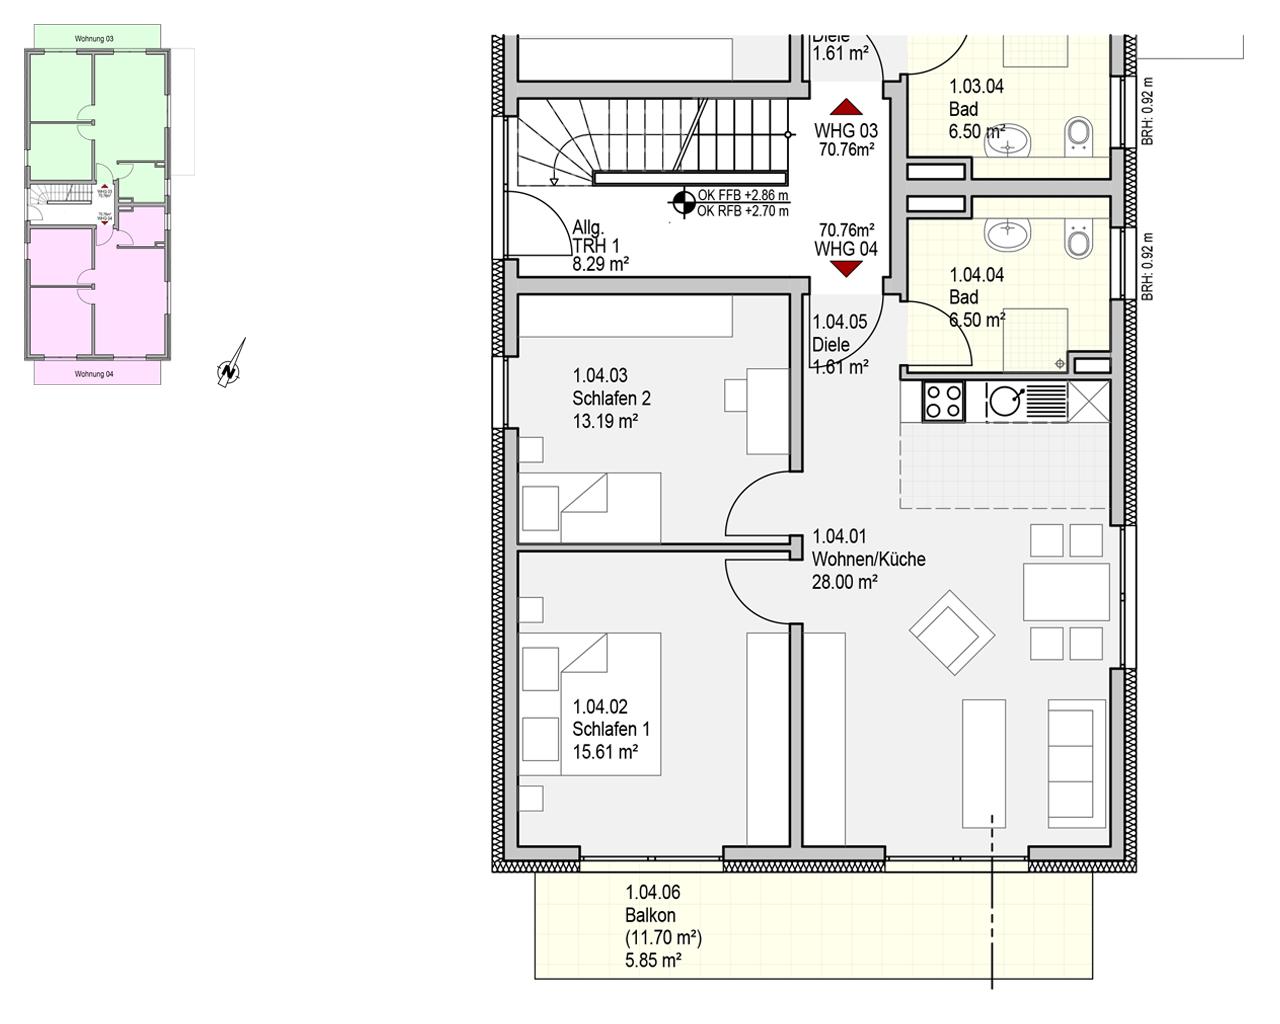 Nr. 4 - 1. OG - 3 Zimmer - 70,76m²